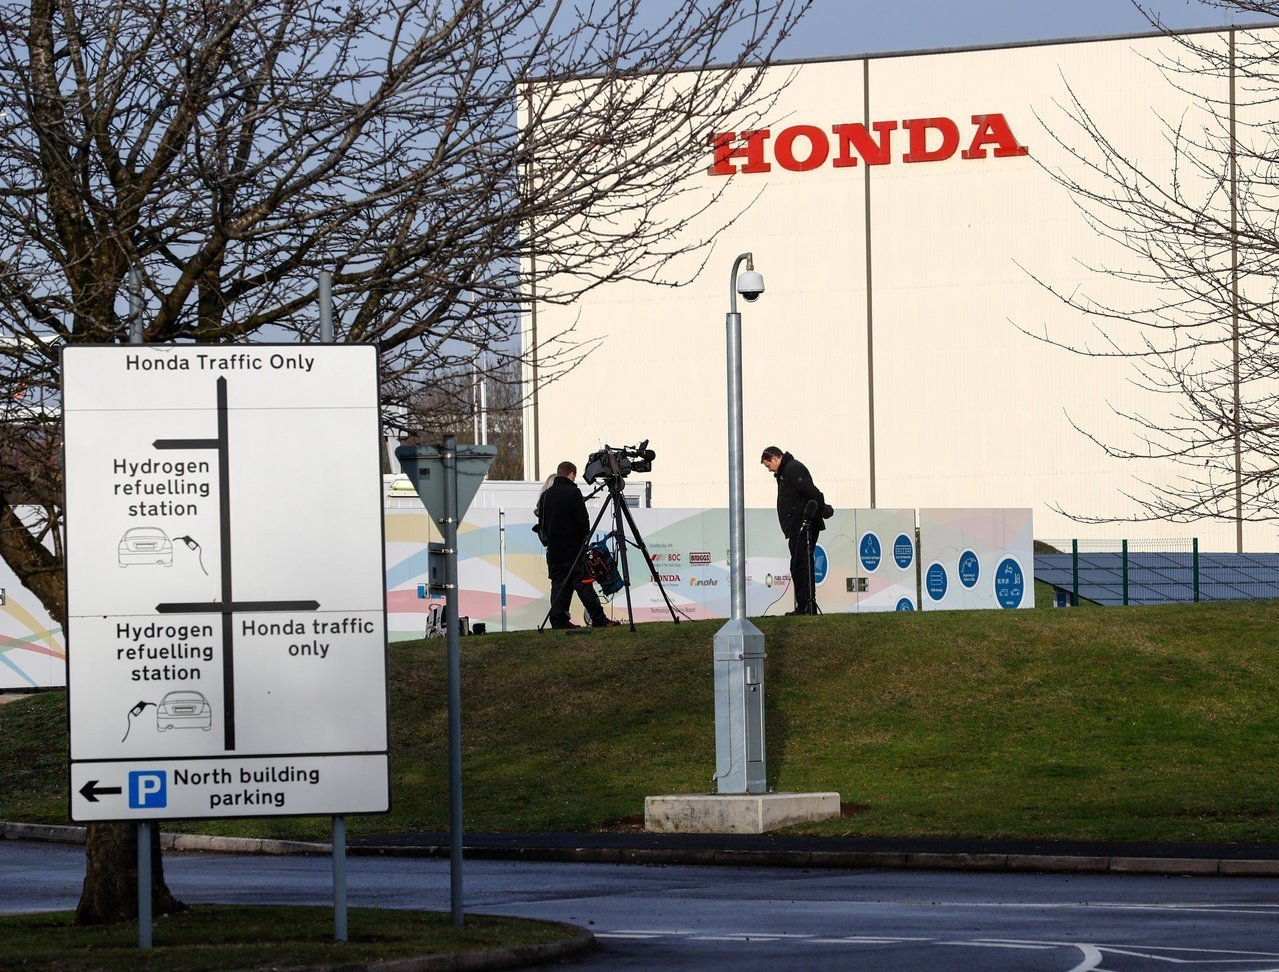 日本本田汽車昨日宣布生產線撤出英國,本田決定將影響其他正在評估中企業,帶動日系企...